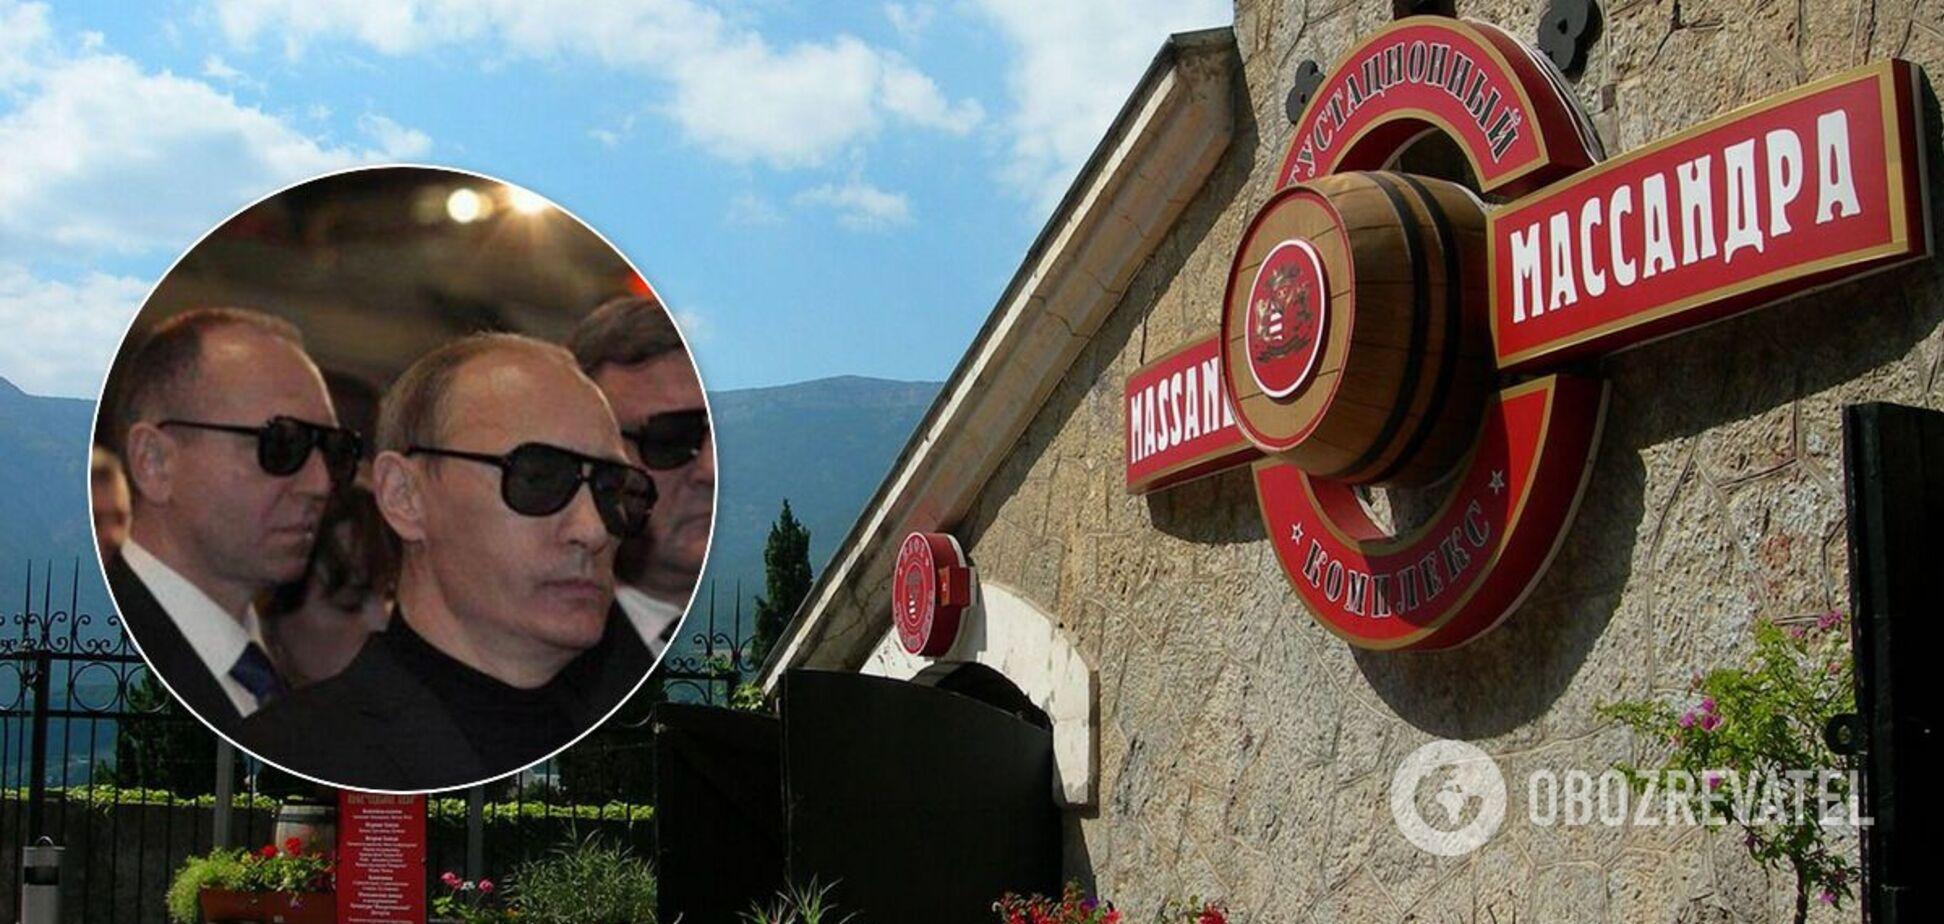 У Криму визнали, що 'Массандра' не зможе продати старовинну колекцію вина